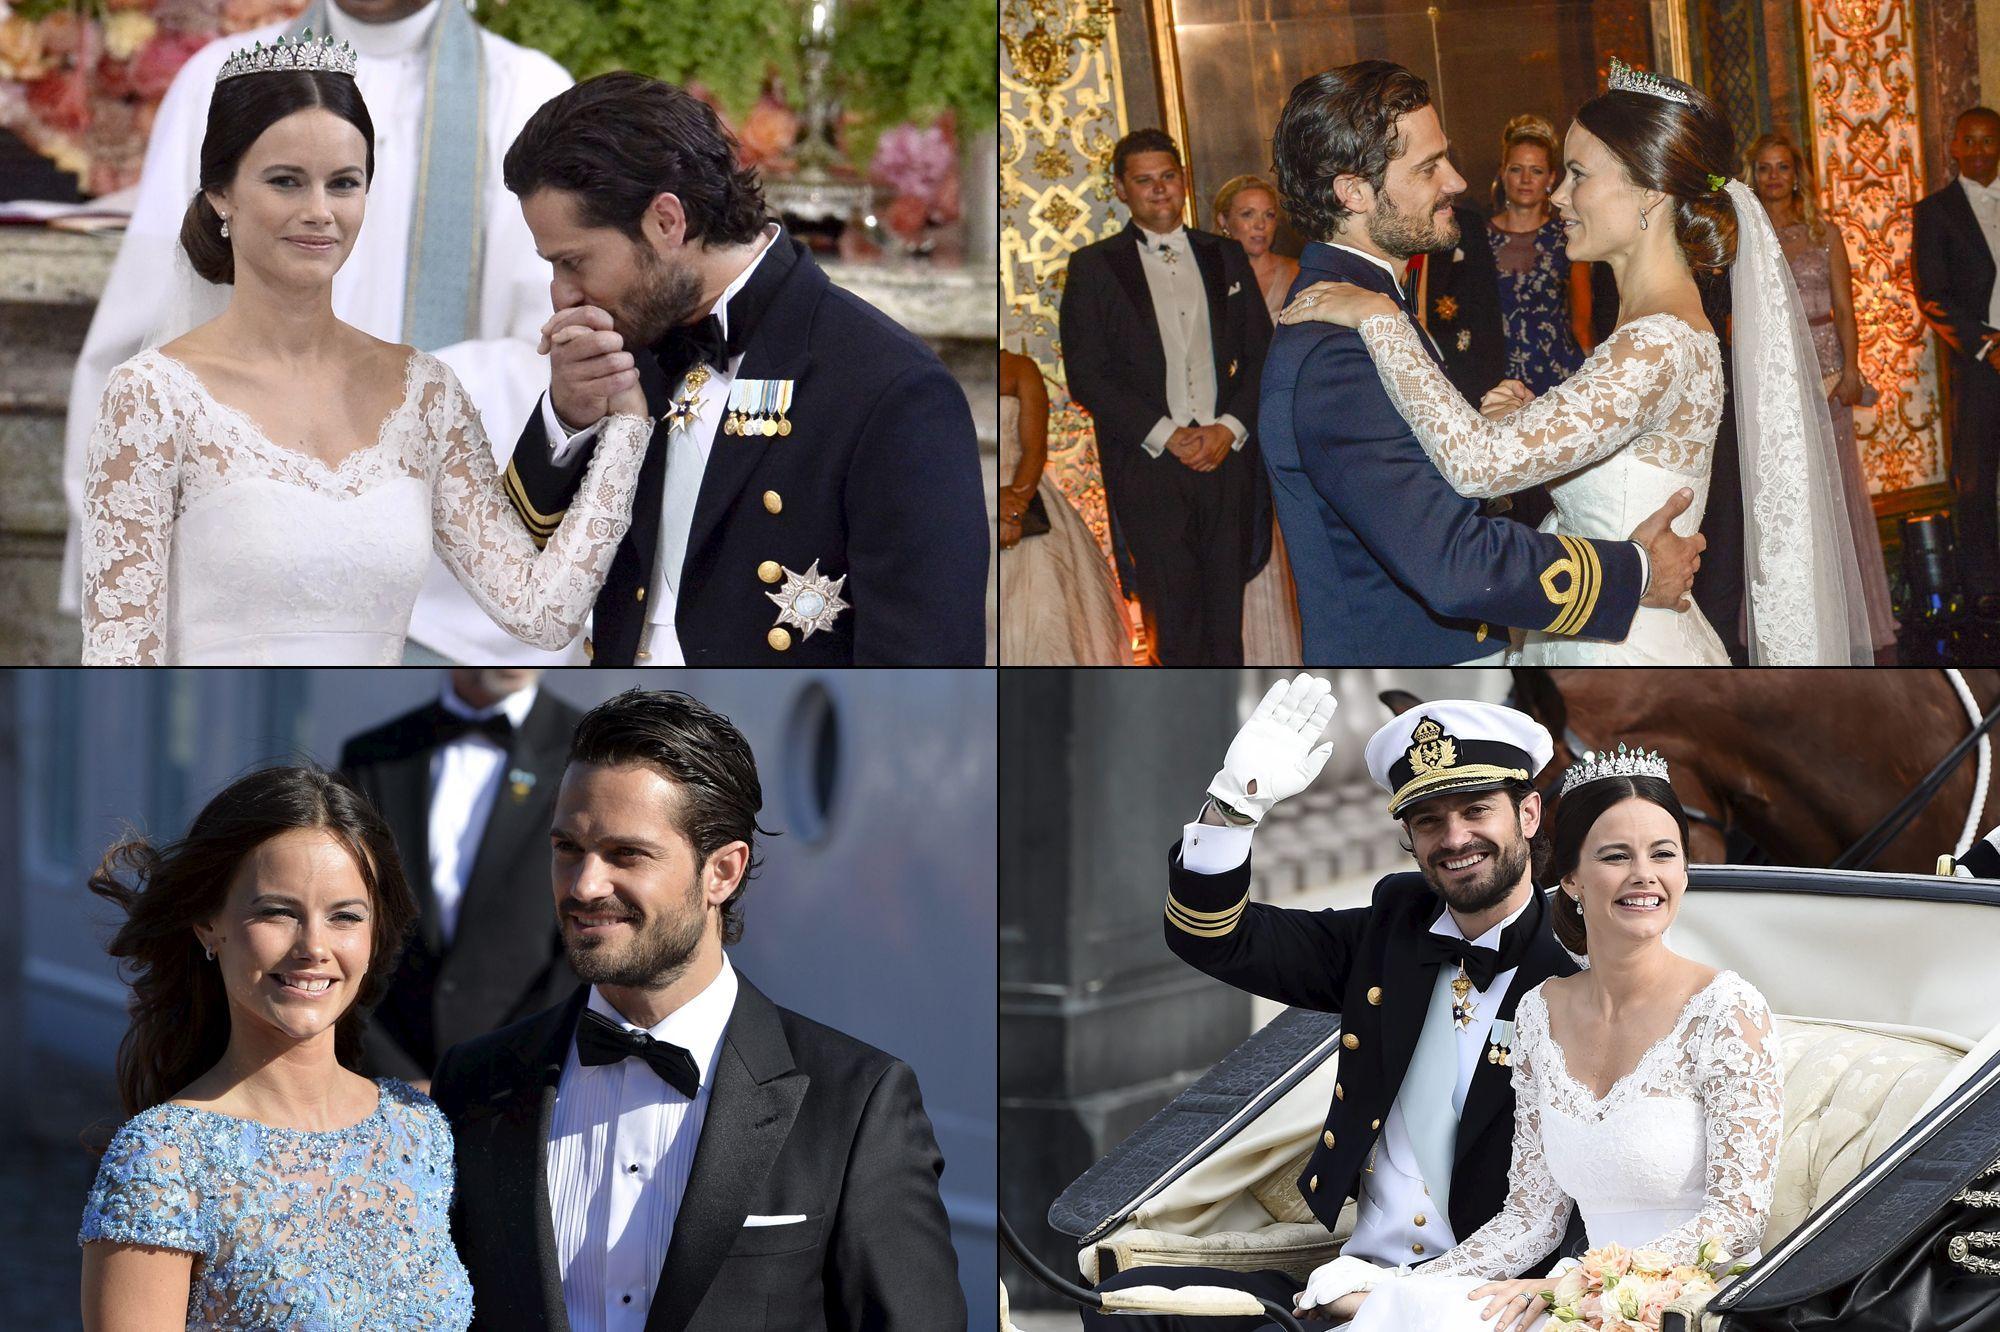 cinq vidos le film du mariage de carl philip de sude et sofia - Les Films De Mariage